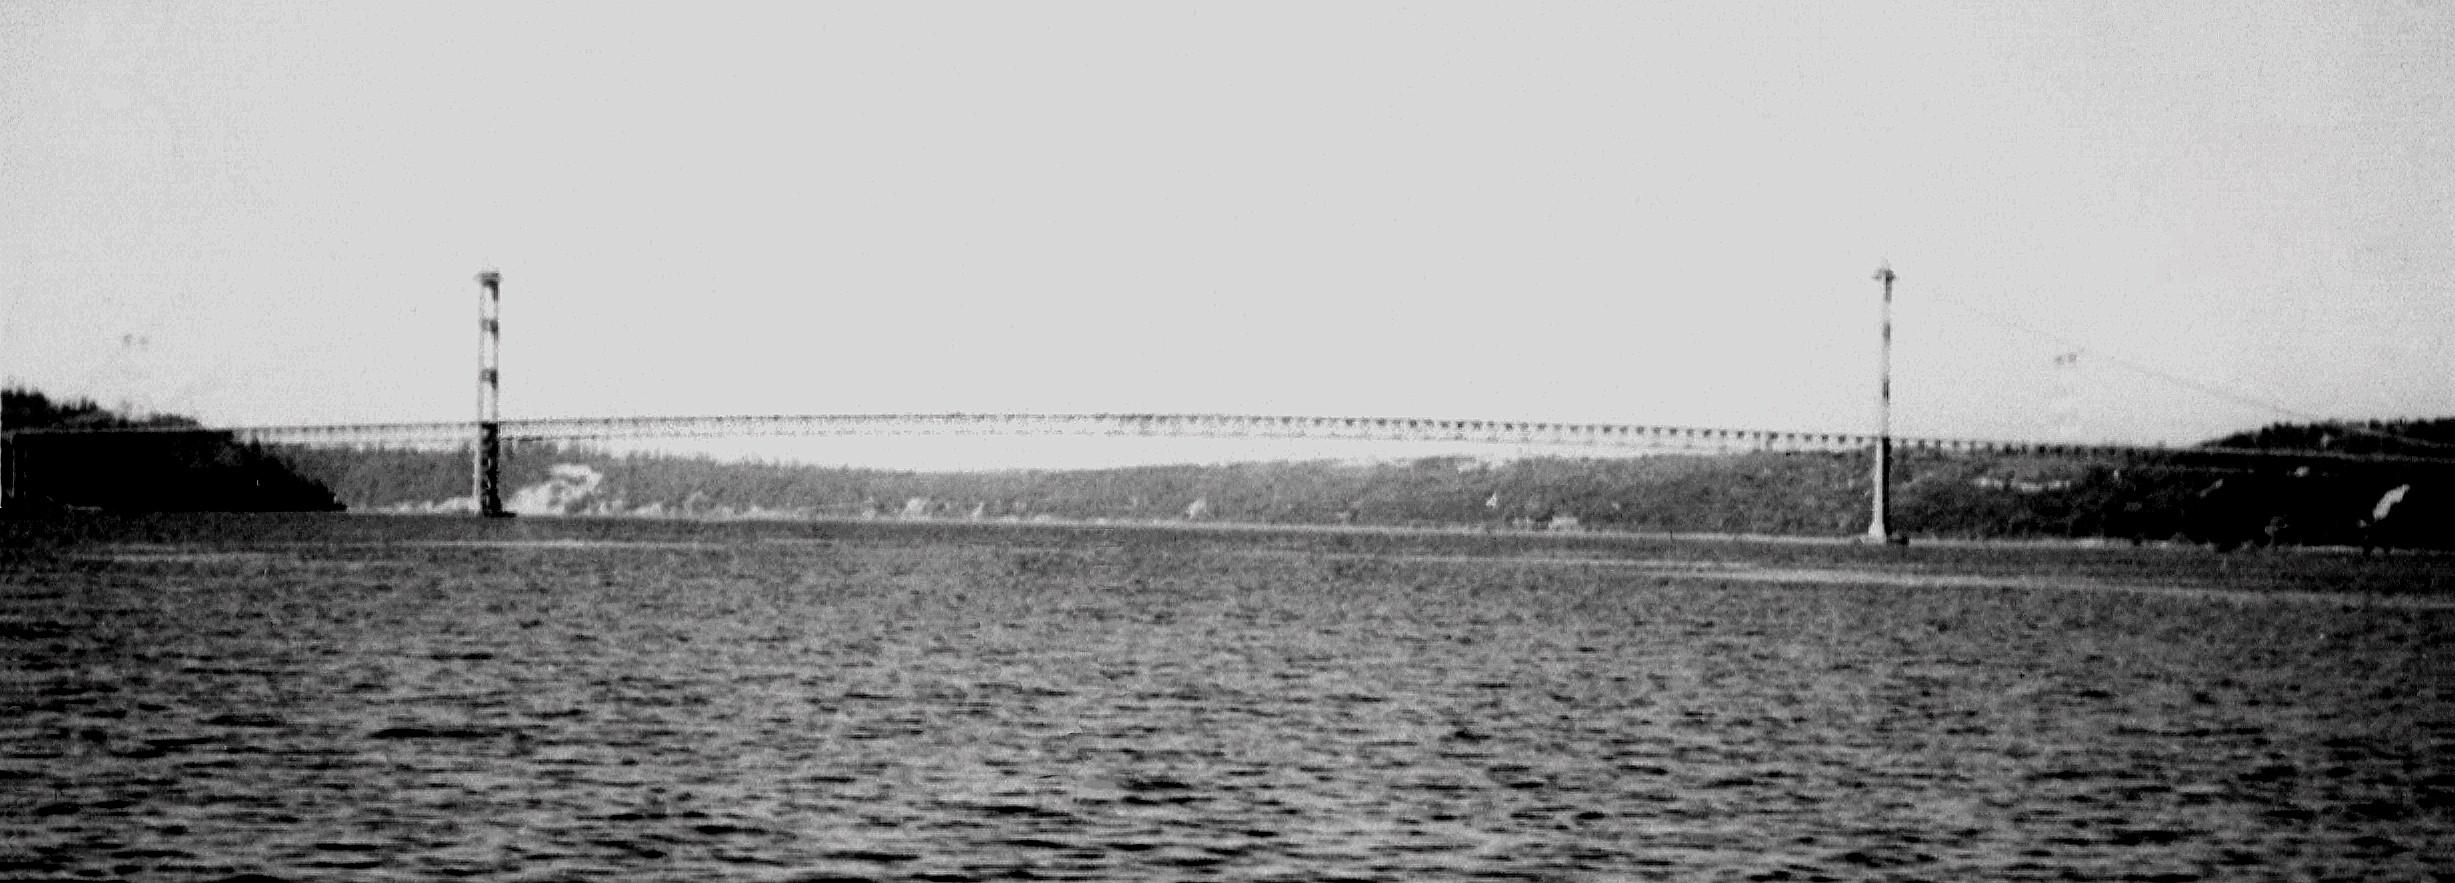 tacoma narrows bridge tacoma